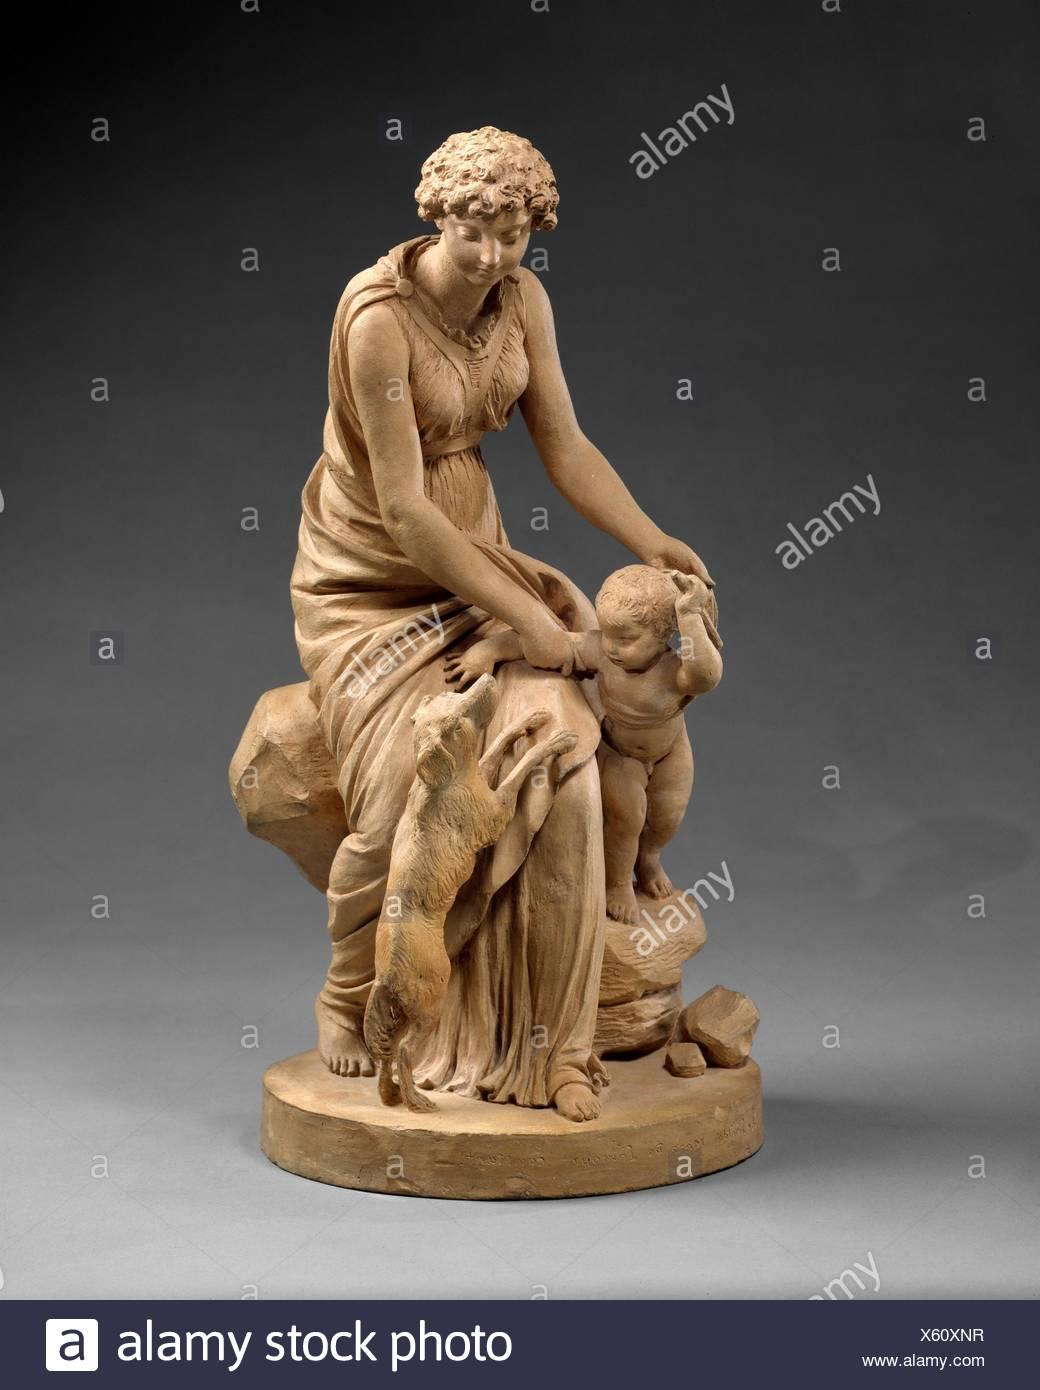 Treue, die Mutter der beständige Liebe. Artist: Augustin Pajou (Französisch, Paris 1730-1809 Paris); Datum: 1799; Kultur: Französisch, Paris; Medium: Stockfoto